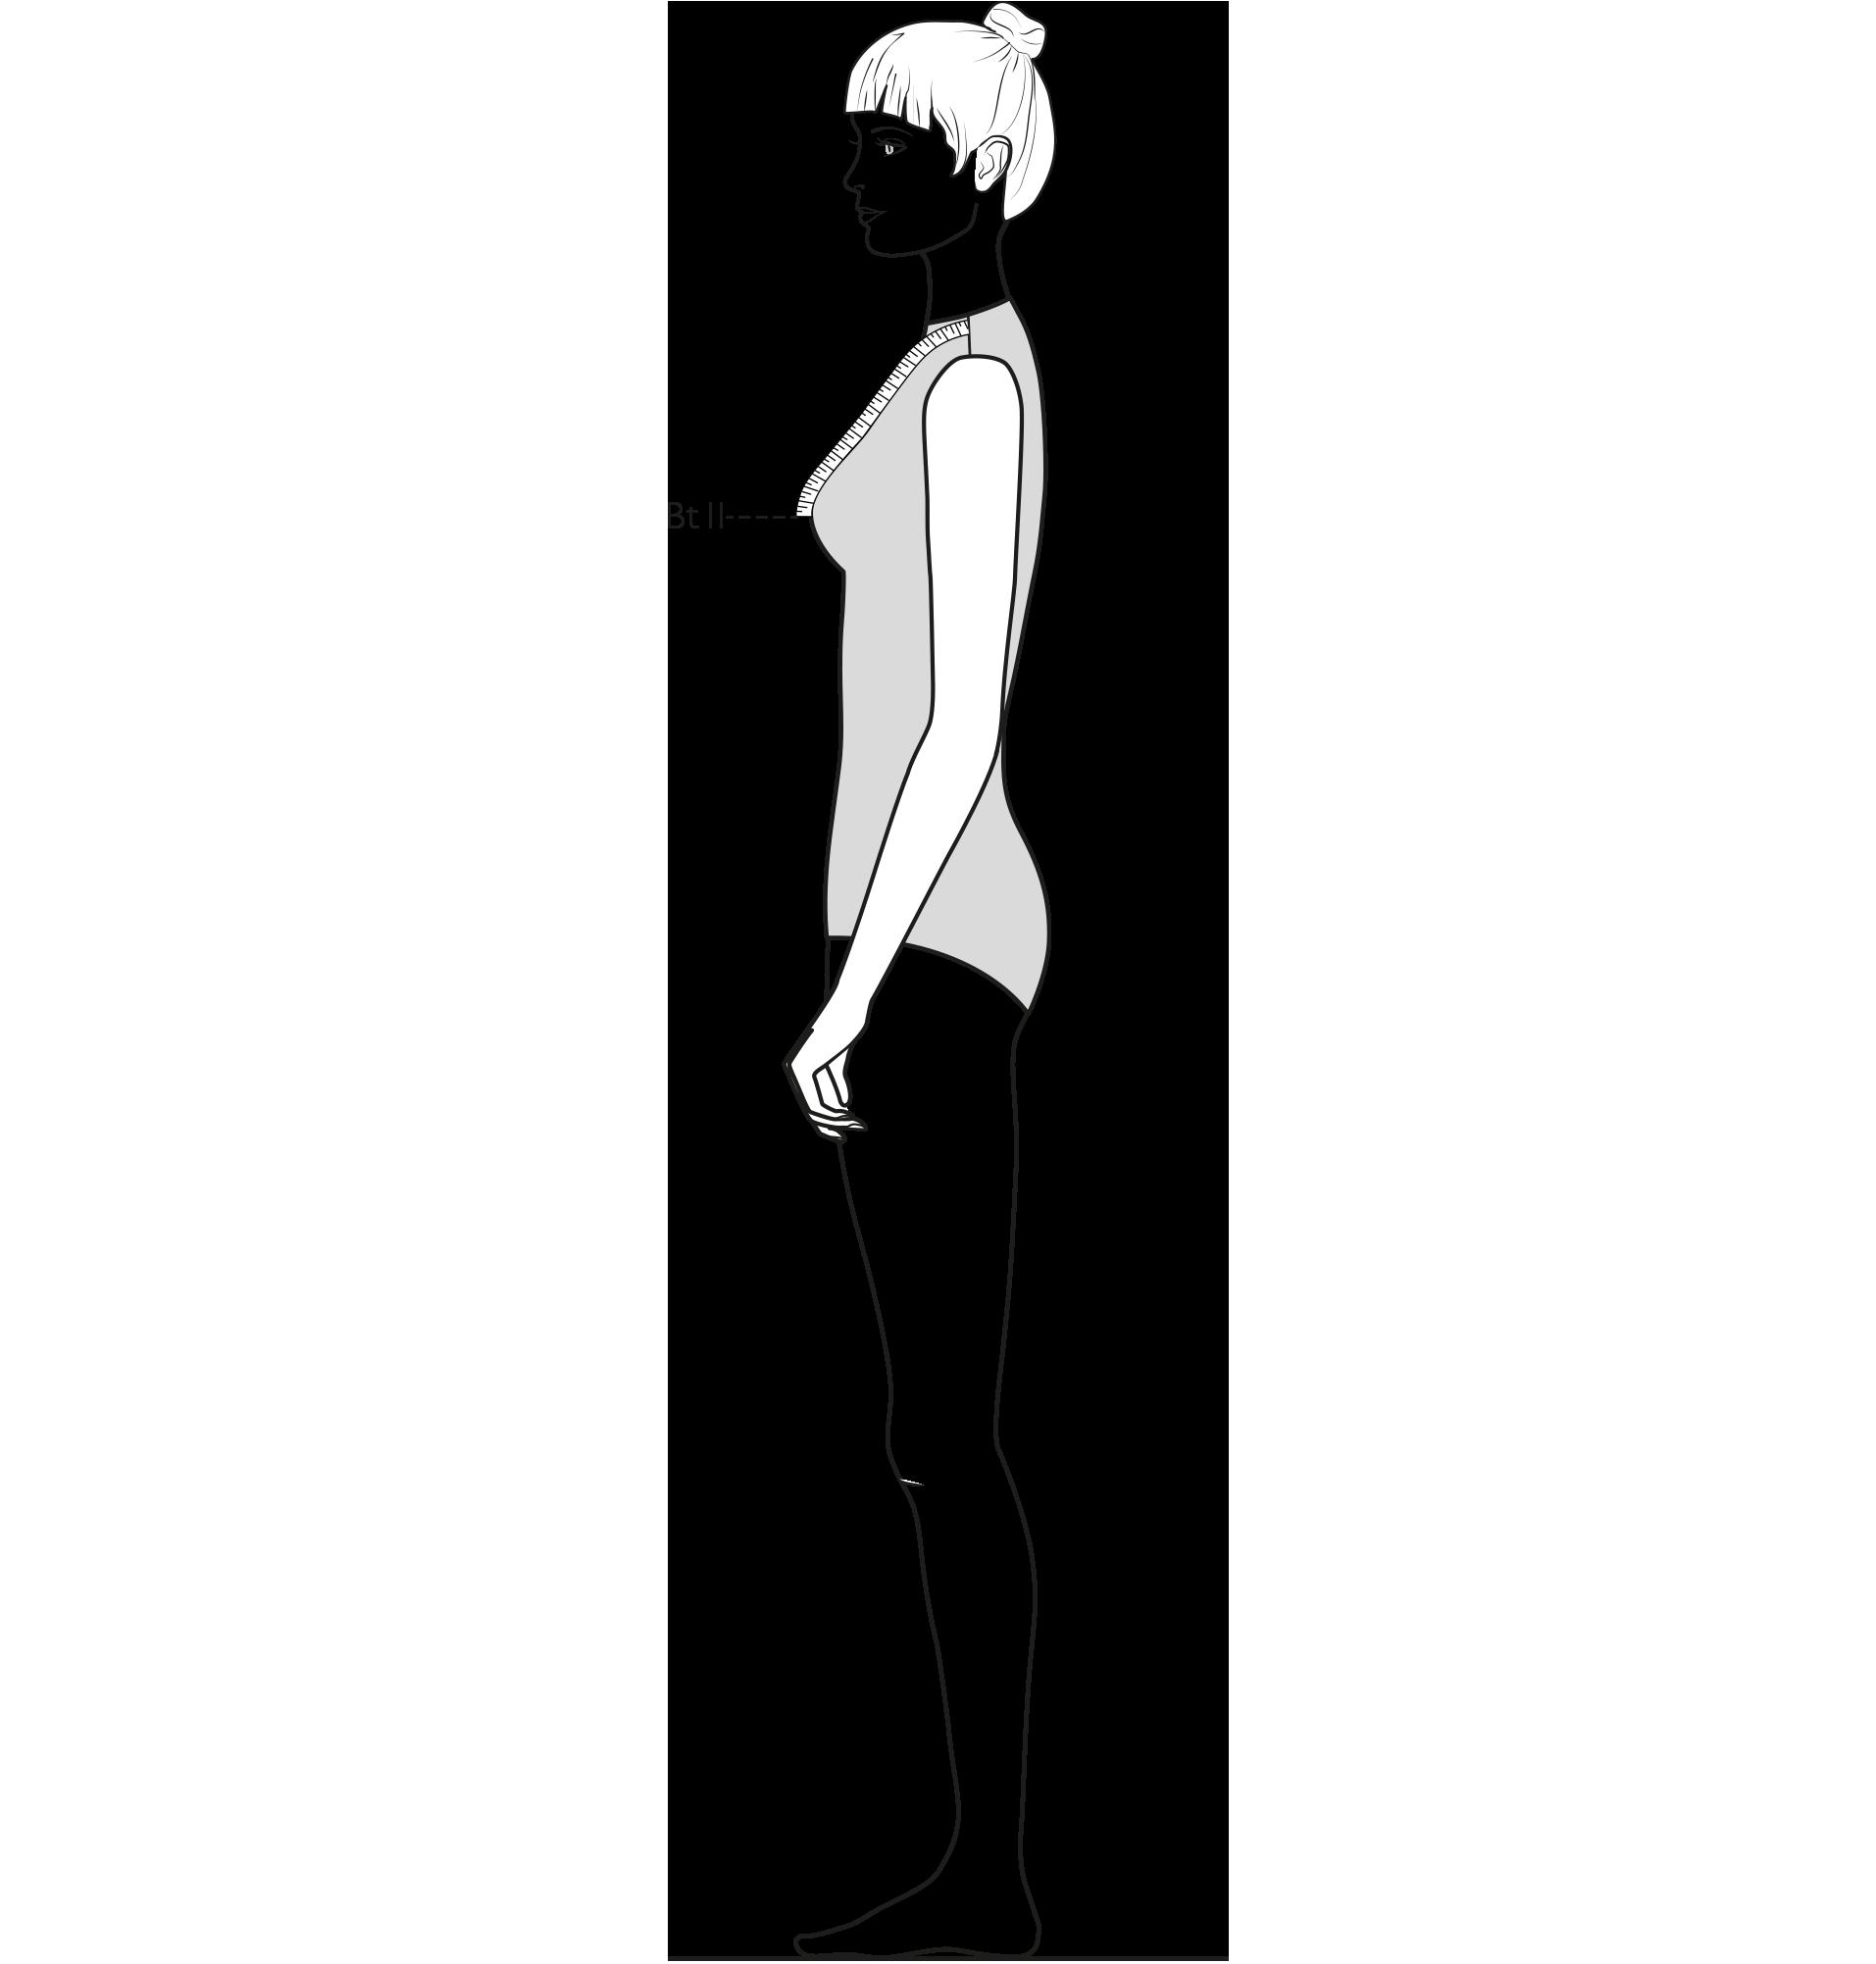 Diese Zeichnung zeigt das Messen der Brusttiefe ll